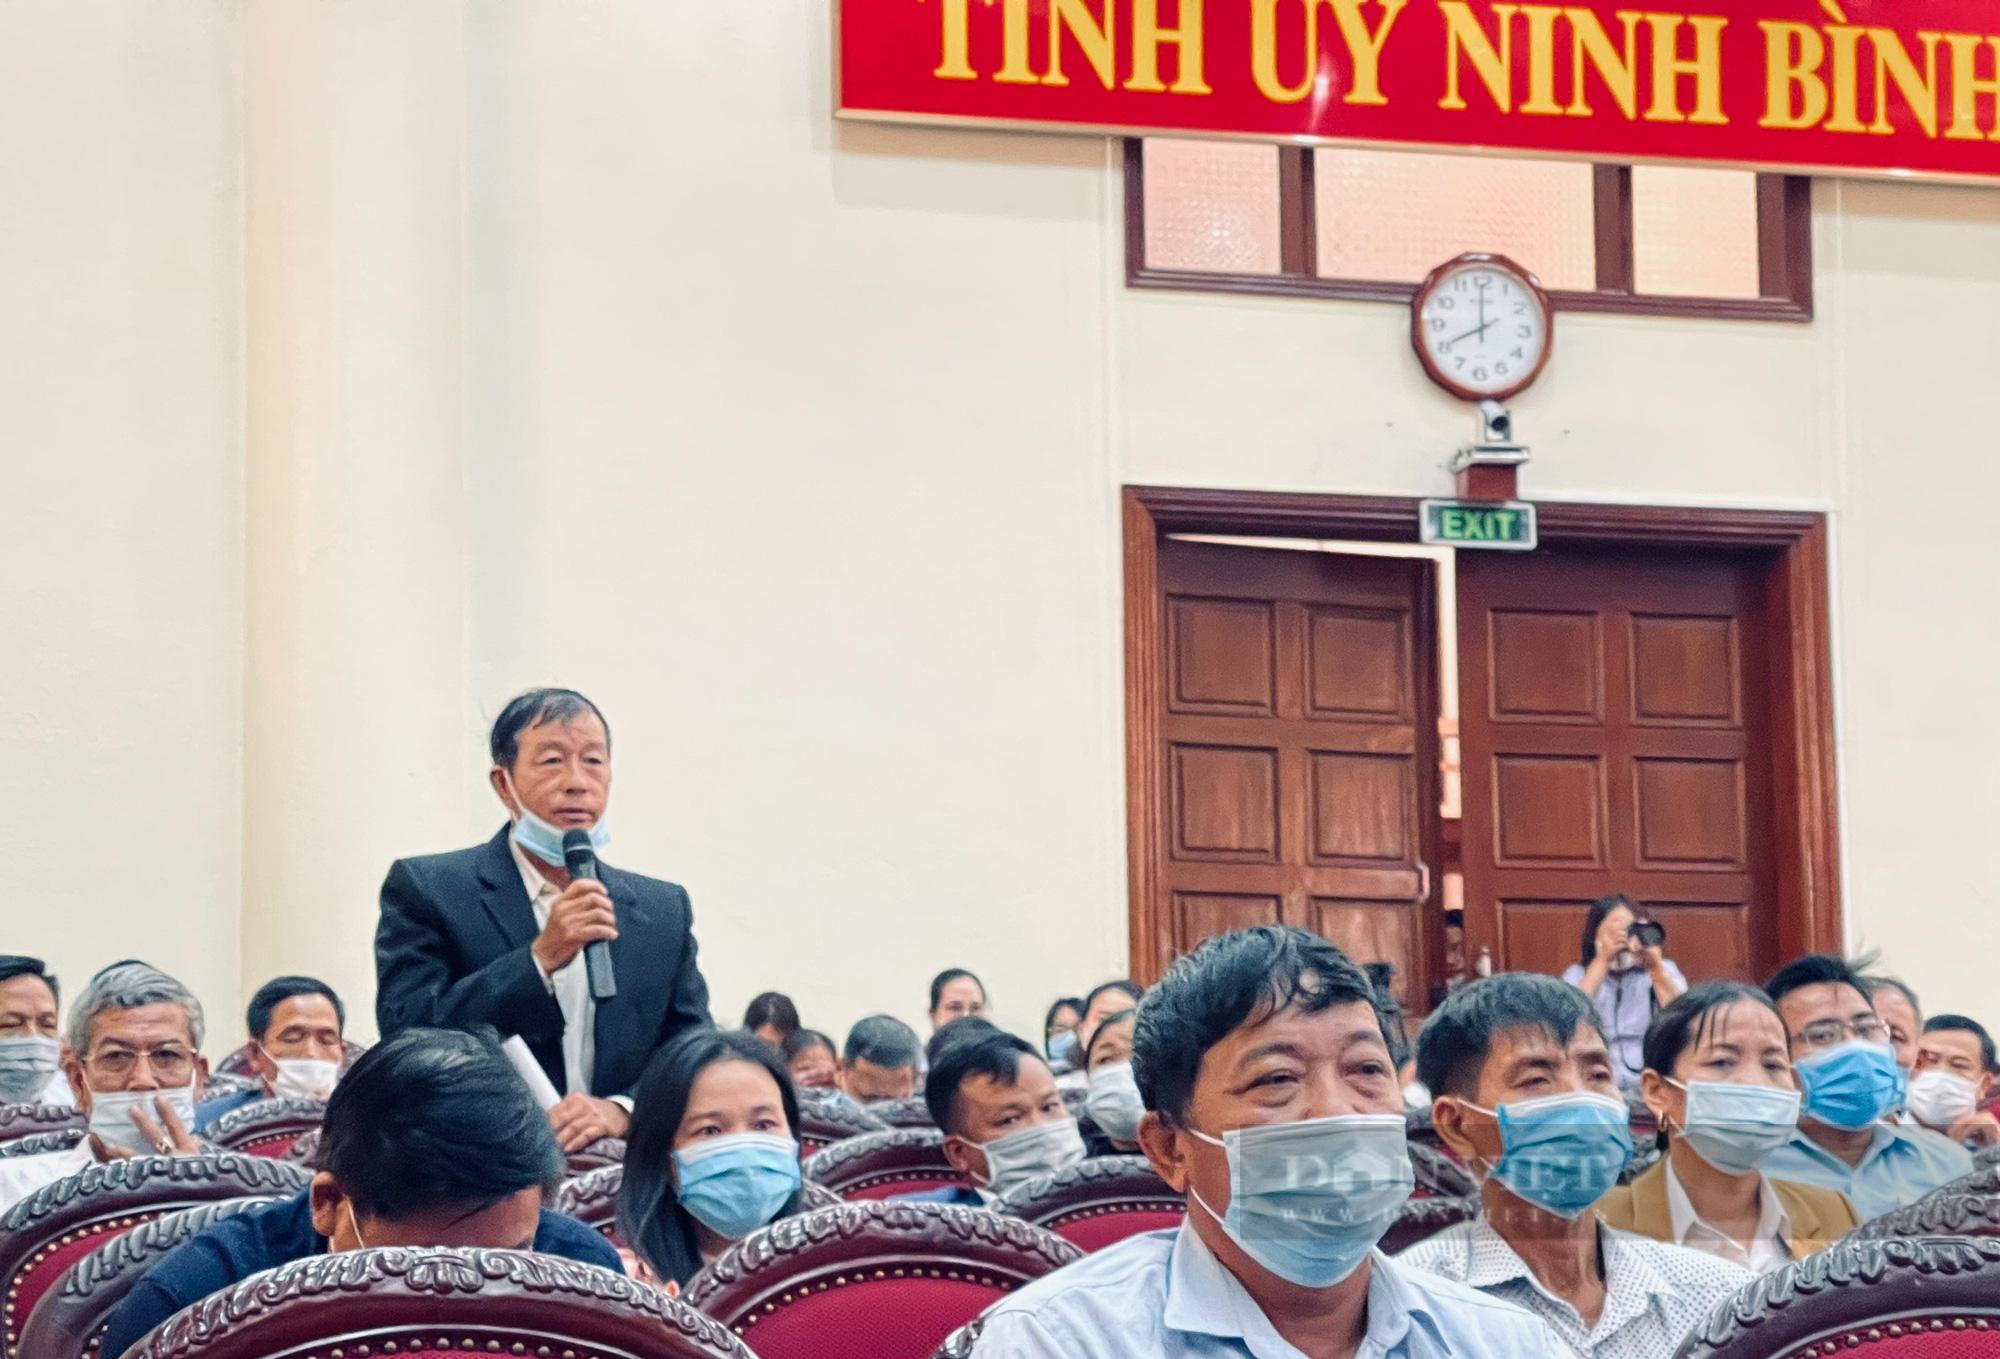 """Thường trực Tỉnh uỷ Ninh Bình đối thoại, giải đáp nhiều vấn đề """"nóng"""" với cán bộ, hội viên nông dân - Ảnh 3."""